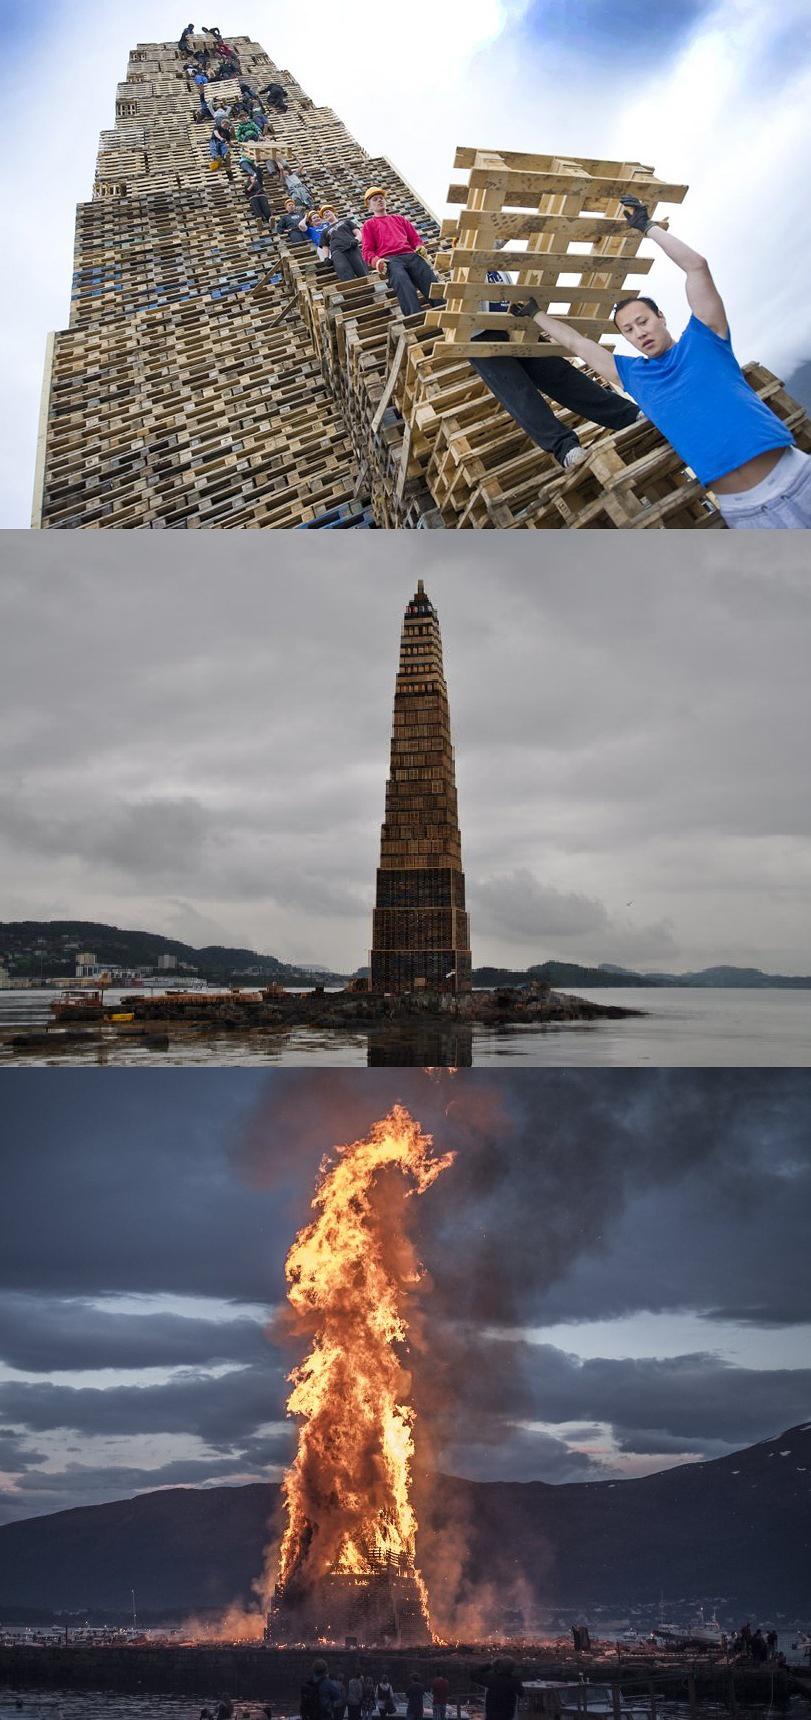 Epic Bonfire. Slinningsbålet 2010 Bonfire World record... The Beacons Are Lit! Gondor calls for Aid! Epic Bonfire Slinningsbålet 2010 World record The Beacons Are Lit! Gondor calls for Aid!